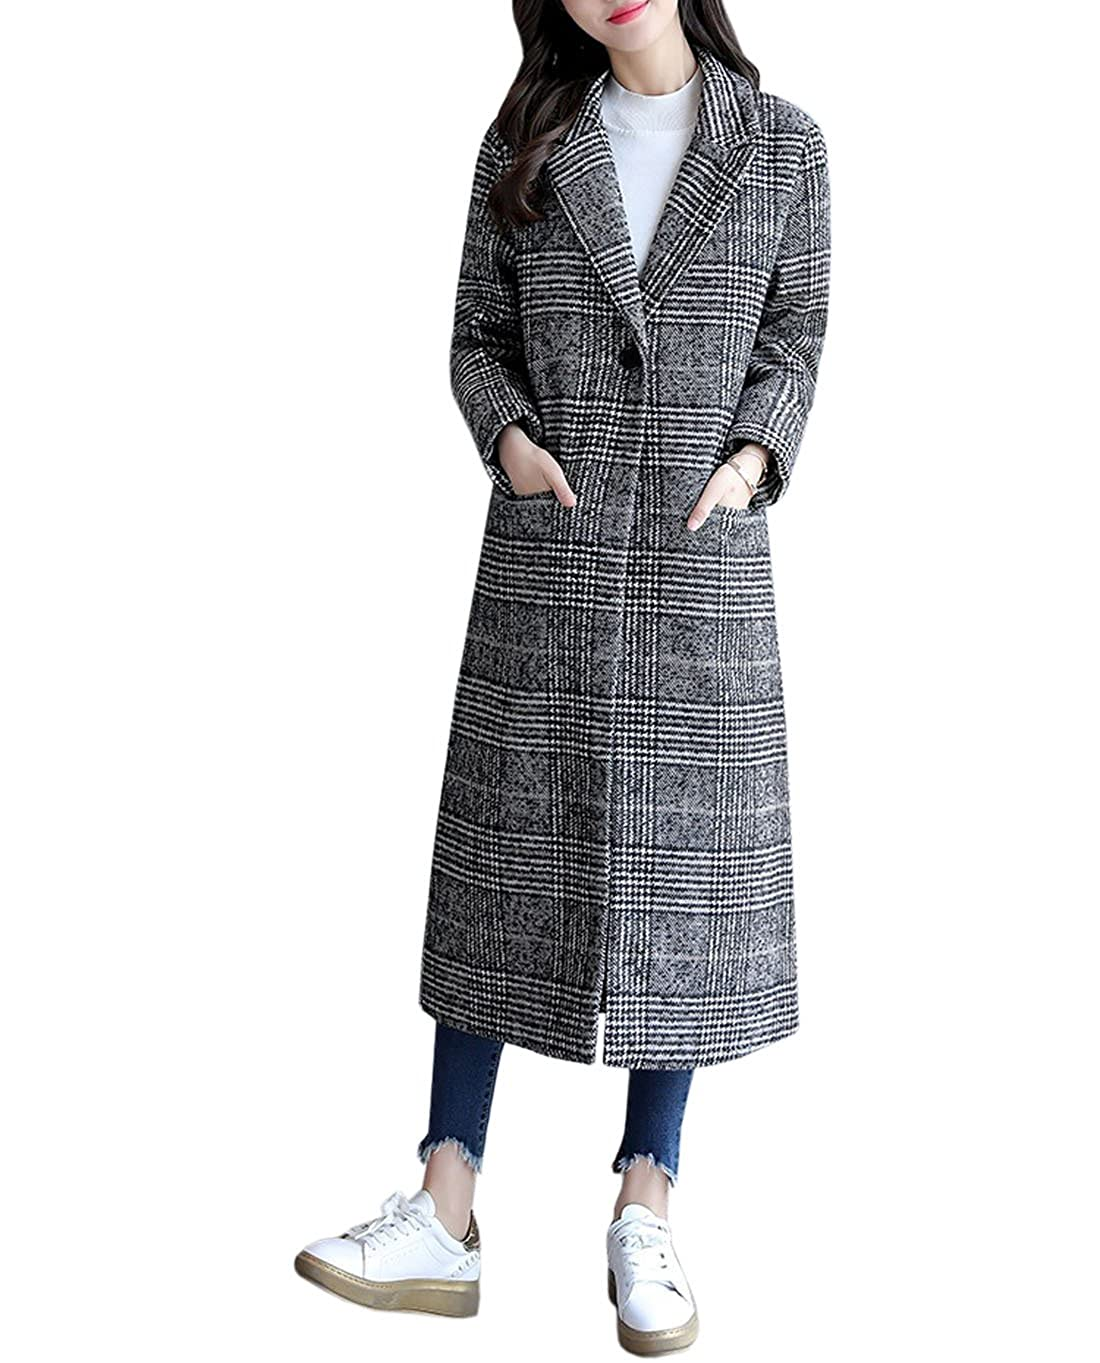 YueLian Women's Winter Woolen Lapel Long Sleeve Lady Plaid Trench Coat Grey